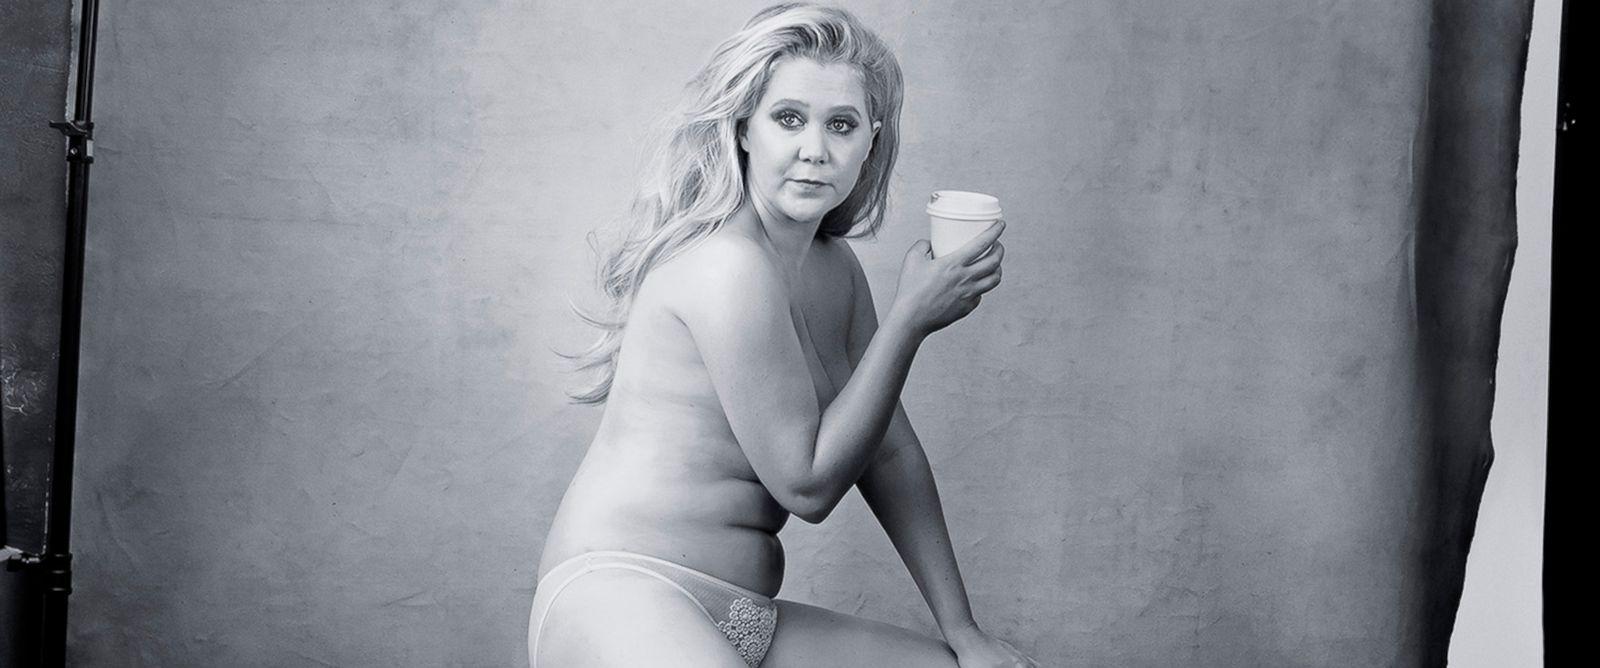 nearly nude older women